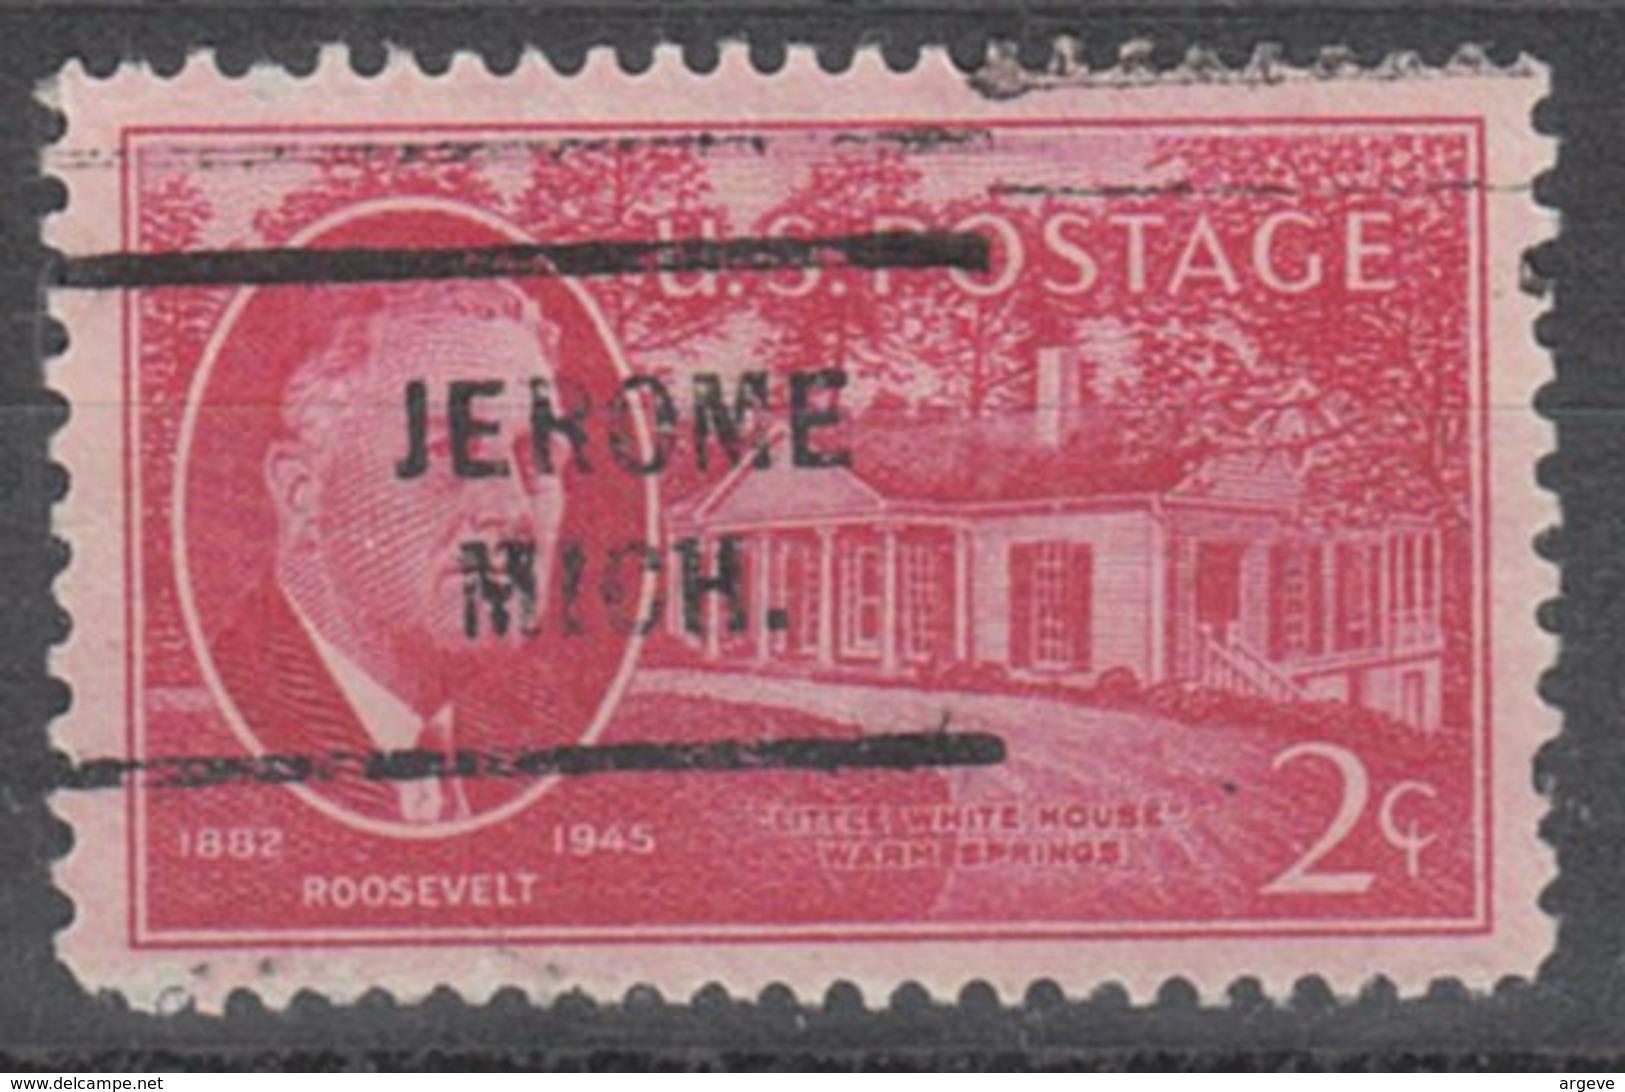 USA Precancel Vorausentwertung Preo, Locals Michigan, Jerome 712 - Vereinigte Staaten